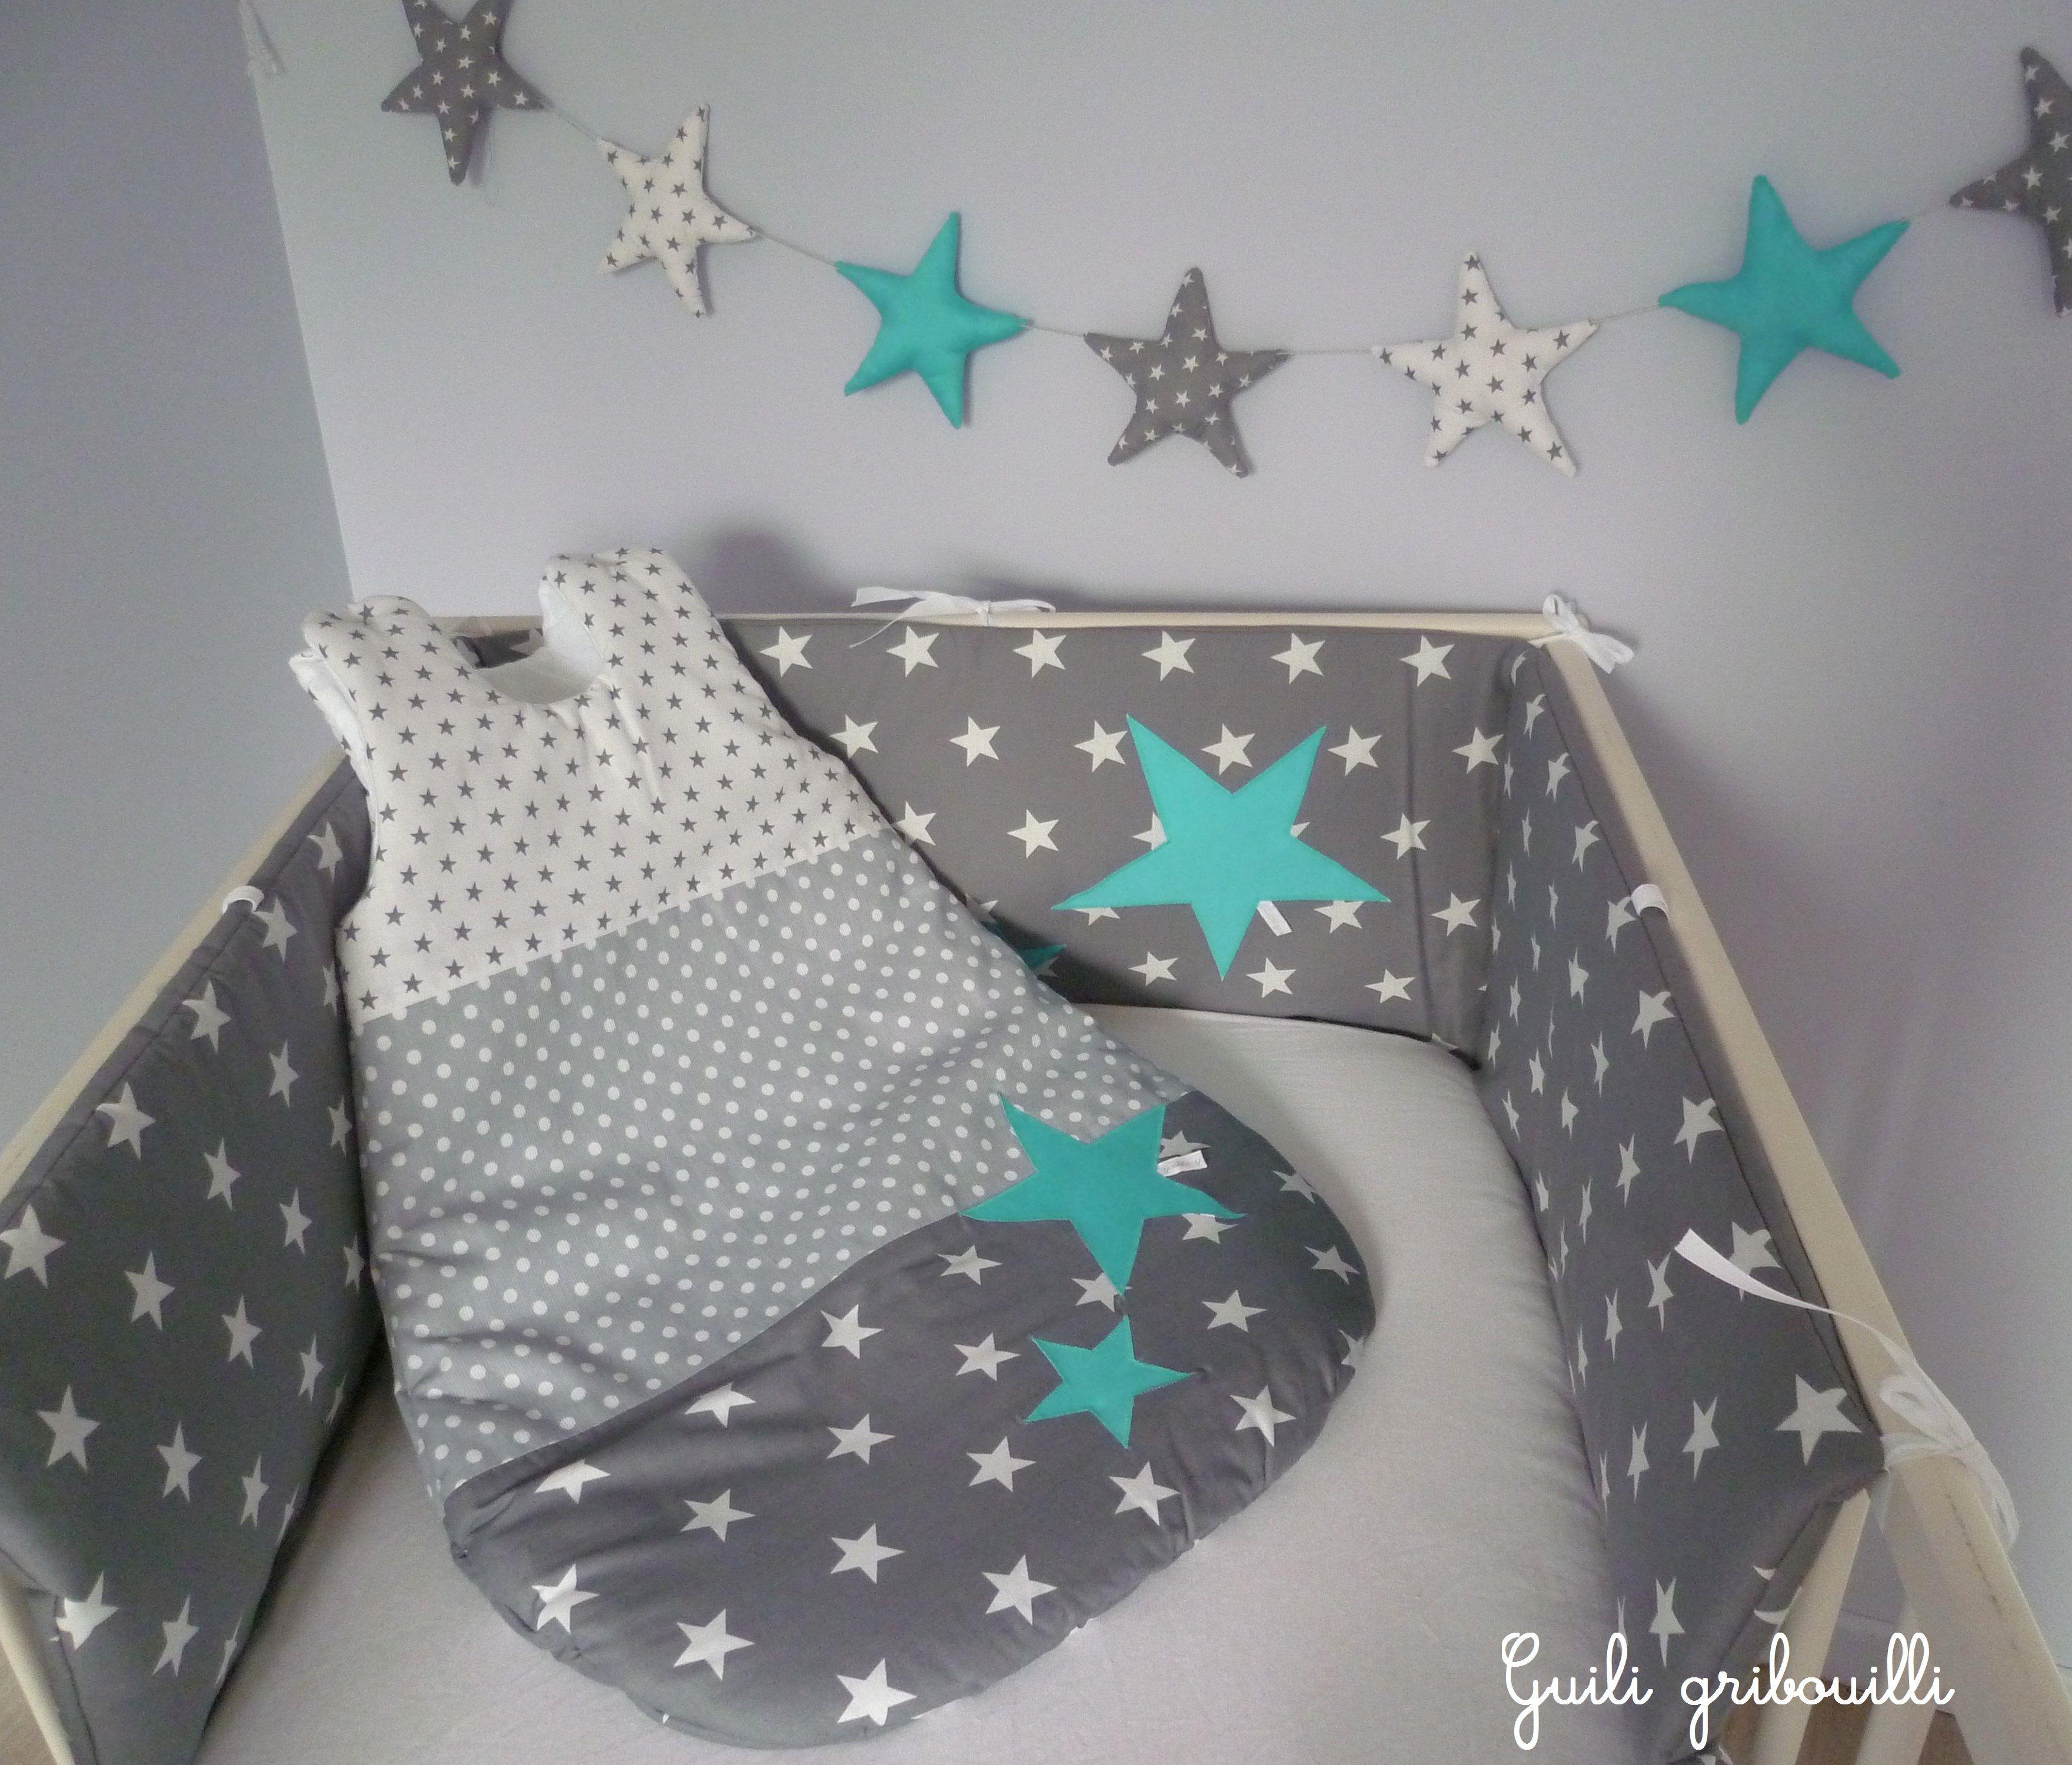 tour de lit et gigoteuse guili gribouilli couture. Black Bedroom Furniture Sets. Home Design Ideas